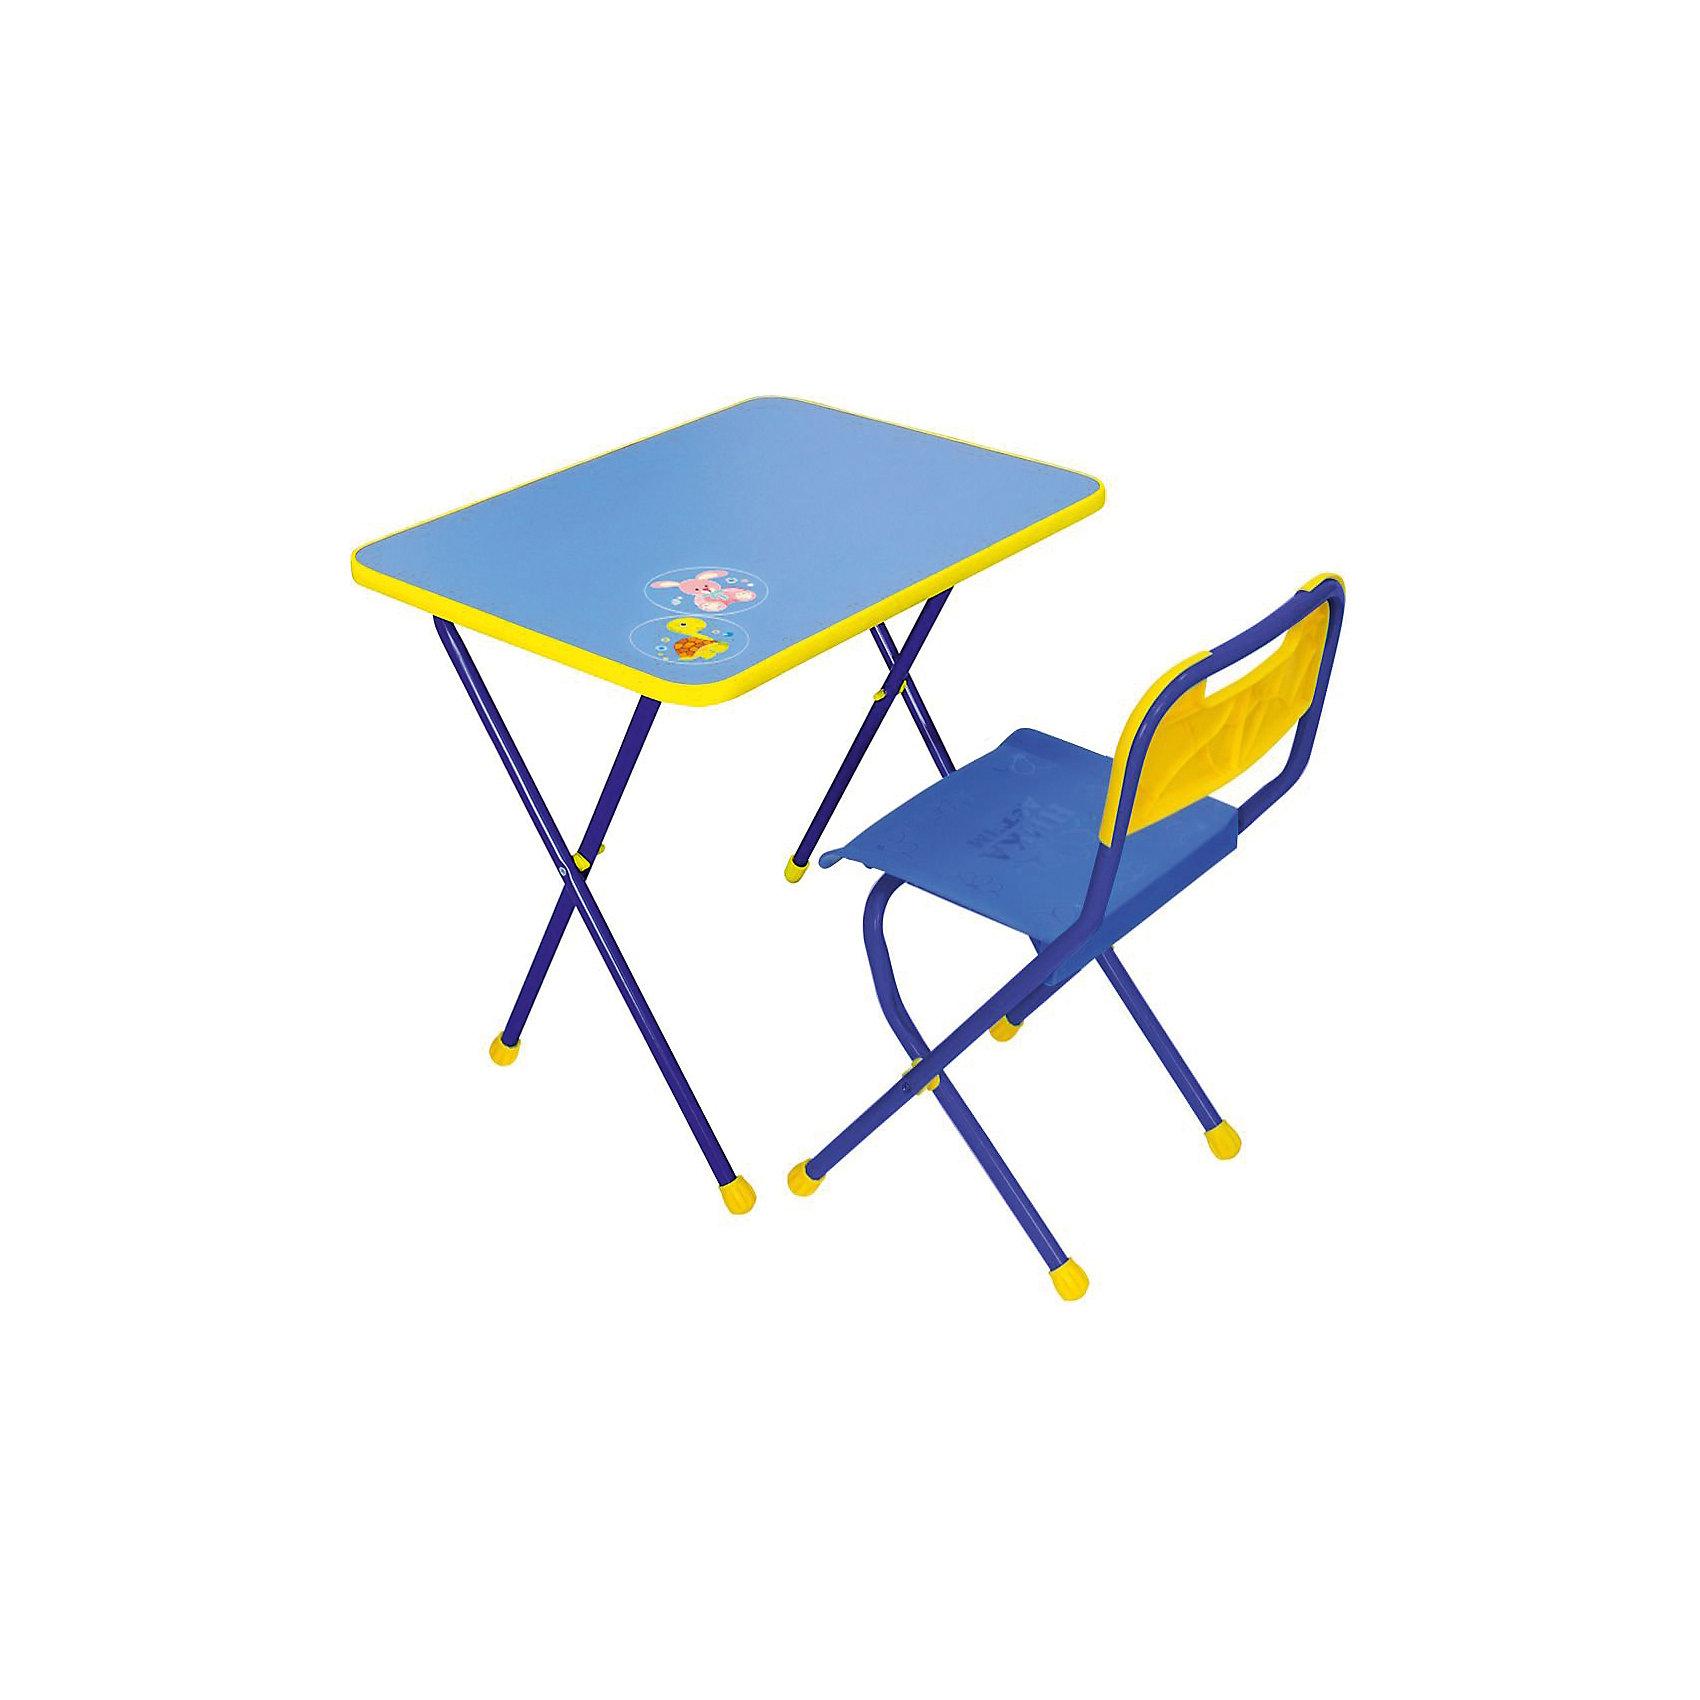 Набор мебели КА1, Алина, Ника, синийМебель<br>Характеристики товара:<br><br>• цвет: синий<br>• материал: металл, пластик, фанера<br>• размер столешницы: 60х45 см<br>• высота стола: 58 см<br>• сиденье: 26х29 см<br>• высота до сиденья: 35 см<br>• высота со спинкой 61 см<br>• размер упаковки: 75х15х61 см<br>• вес в упаковке: 6,5 кг<br>• складной<br>• на столешнице - рисунок<br>• на ламинированной поверхности стола можно рисовать маркером на водной основе<br>• на ножках пластмассовые наконечники<br>• складной<br>• возраст: от 3 до 7 лет<br>• страна бренда: Российская Федерация<br>• страна производства: Российская Федерация<br><br>Детская мебель может быть удобной и эргономичной! Этот комплект разработан специально для детей от трех до семи лет. Он легко складывается и раскладывается, занимает немного места. Каркас сделан из прочного, но легкого металла, а на ножках установлены пластмассовые наконечники для защиты напольного покрытия. Отличное решение как для кормления малыша, так и для игр, творчества и обучения!<br>Правильно подобранная мебель помогает ребенку расти здоровым, формироваться правильной осанке. Изделие производится из качественных сертифицированных материалов, безопасных даже для самых маленьких.<br><br>Набор мебели Алина, синий от бренда Ника можно купить в нашем интернет-магазине.<br><br>Ширина мм: 750<br>Глубина мм: 155<br>Высота мм: 610<br>Вес г: 6650<br>Возраст от месяцев: 36<br>Возраст до месяцев: 84<br>Пол: Унисекс<br>Возраст: Детский<br>SKU: 5223608